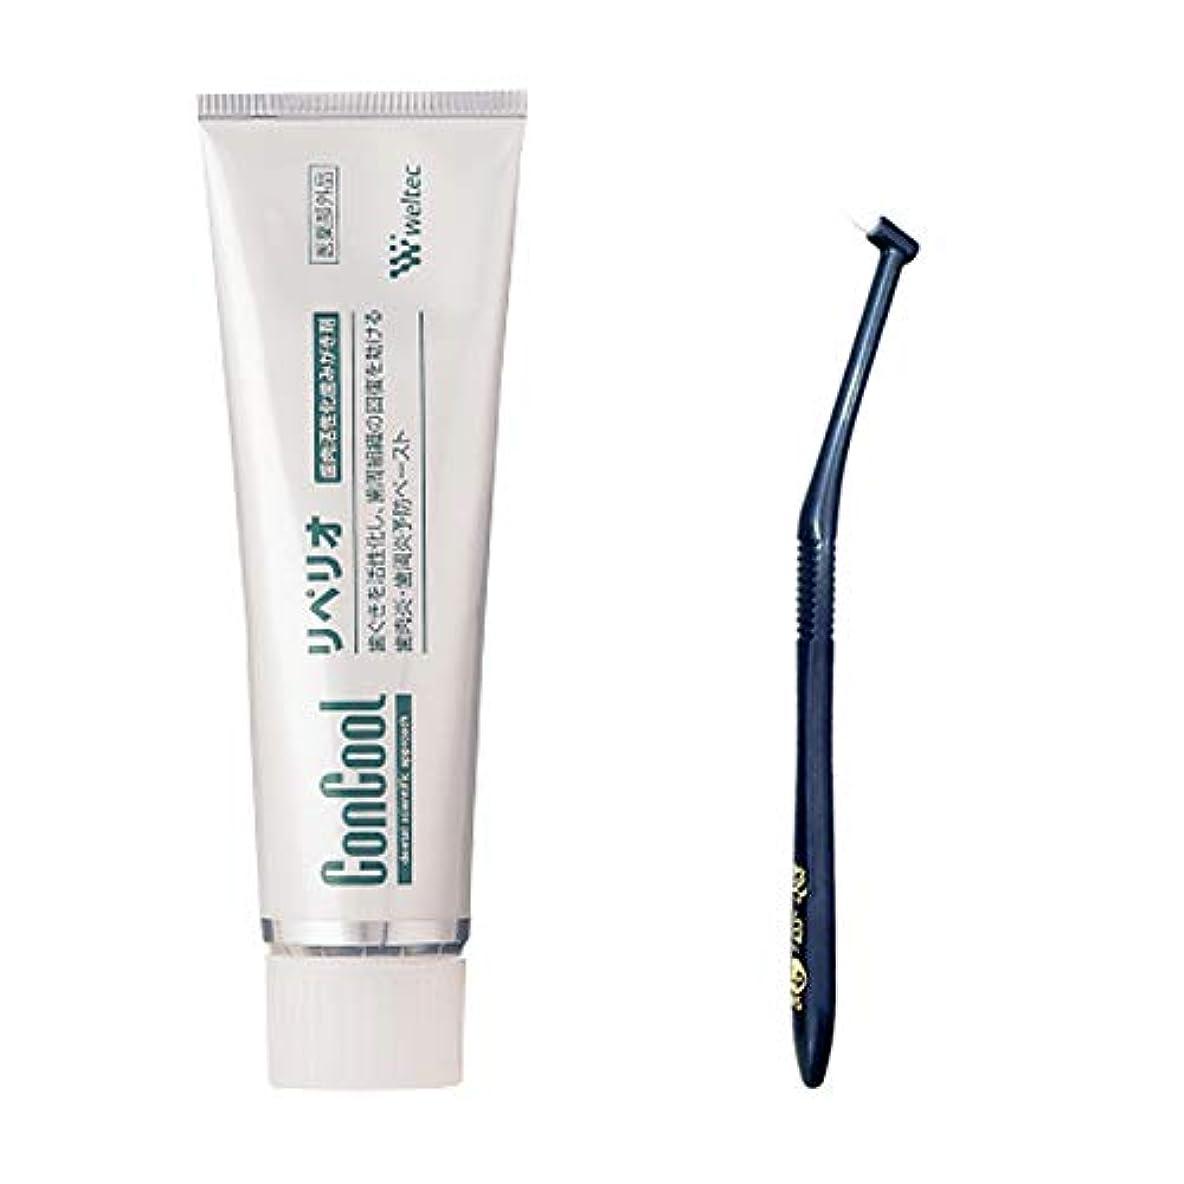 バンどんなときも海コンクール リペリオ 80g×1本 + 日本製 艶白(つやはく) ワンタフト 歯ブラシ ×1本 MS(やややわらかめ) 歯周病予防 歯科医院取扱品